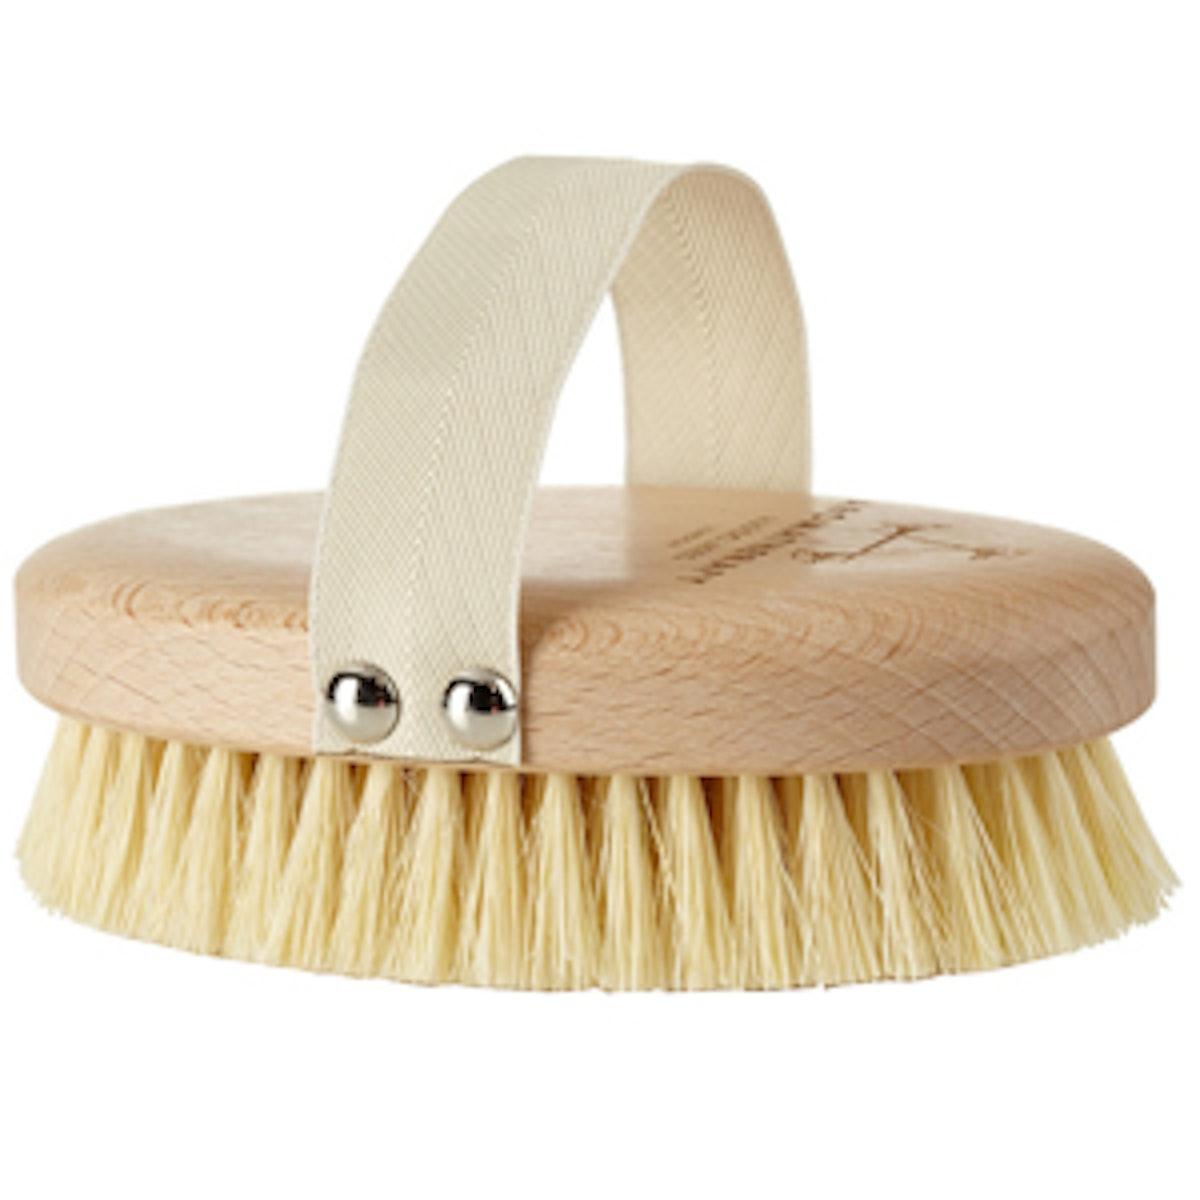 Polishing Body Brush